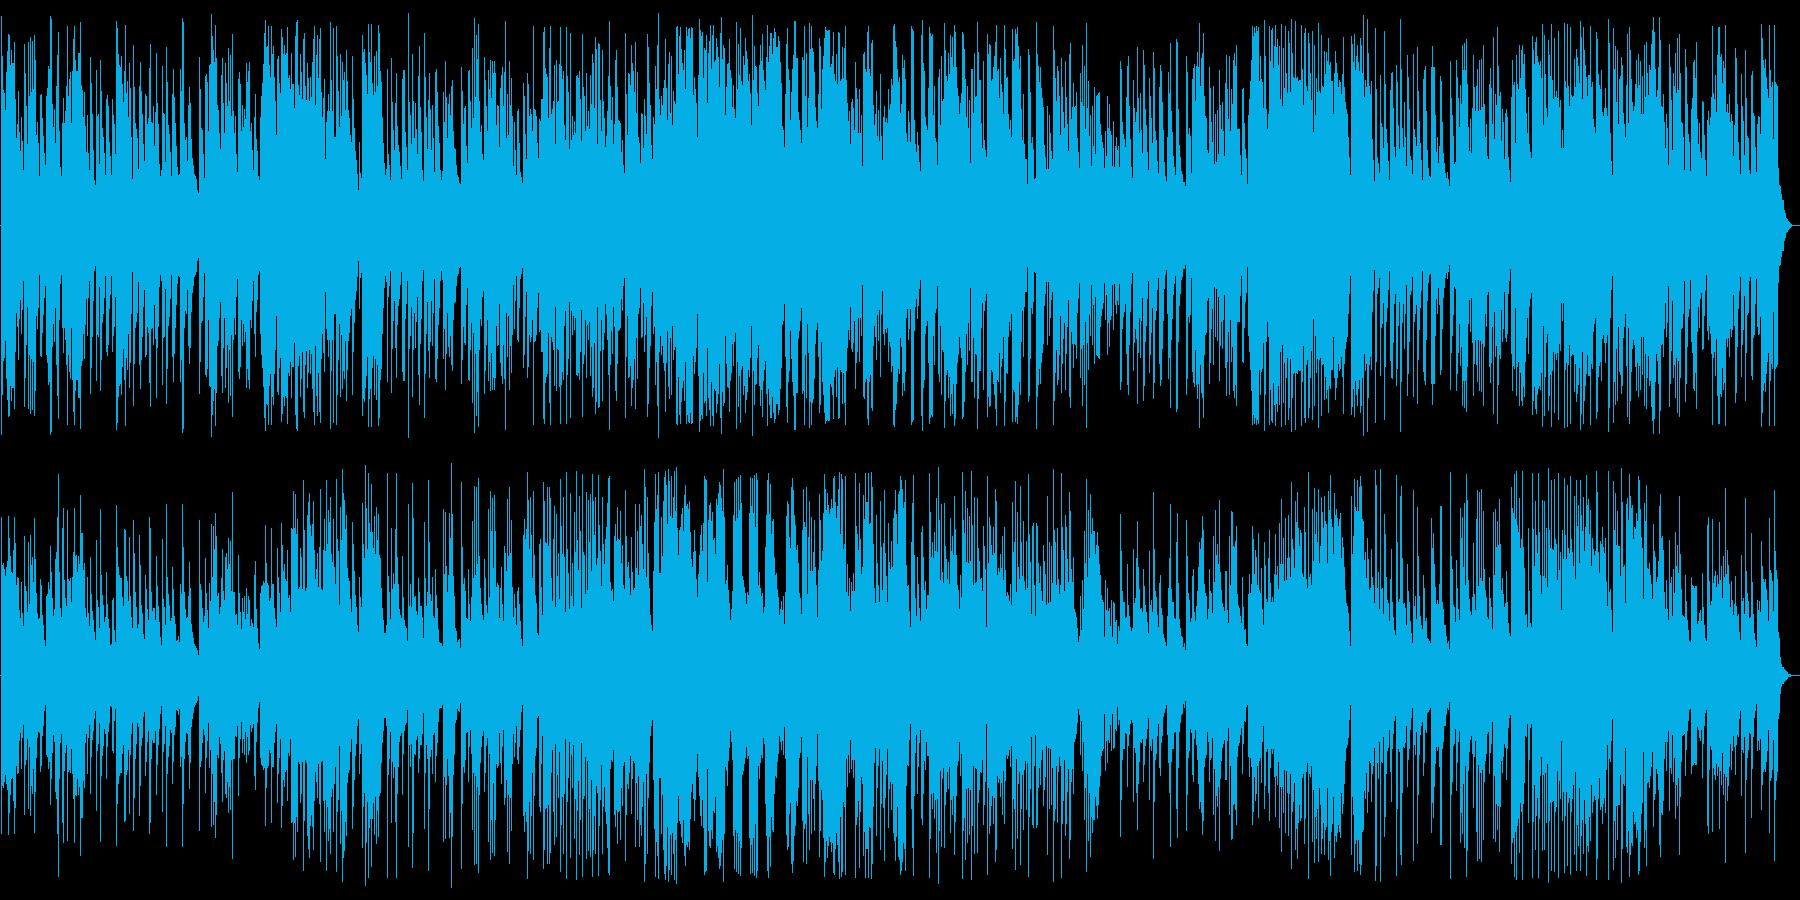 切なくムード満点のジャズ風ピアノの再生済みの波形